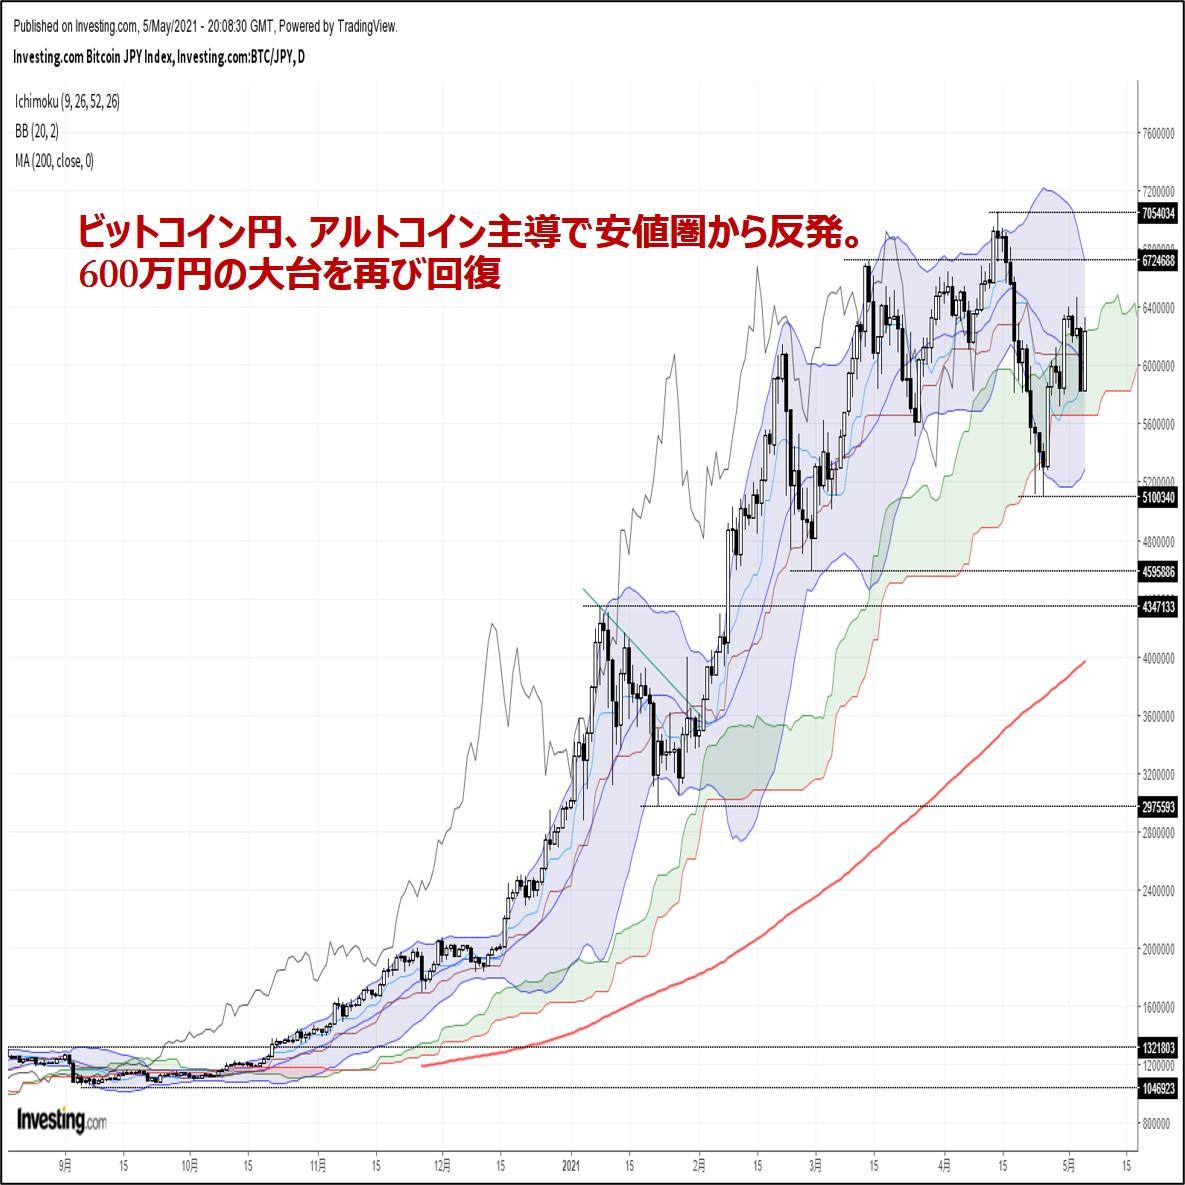 ビットコイン円、アルトコイン主導で安値圏から反発。600万円の大台を再び回復(5/6朝)